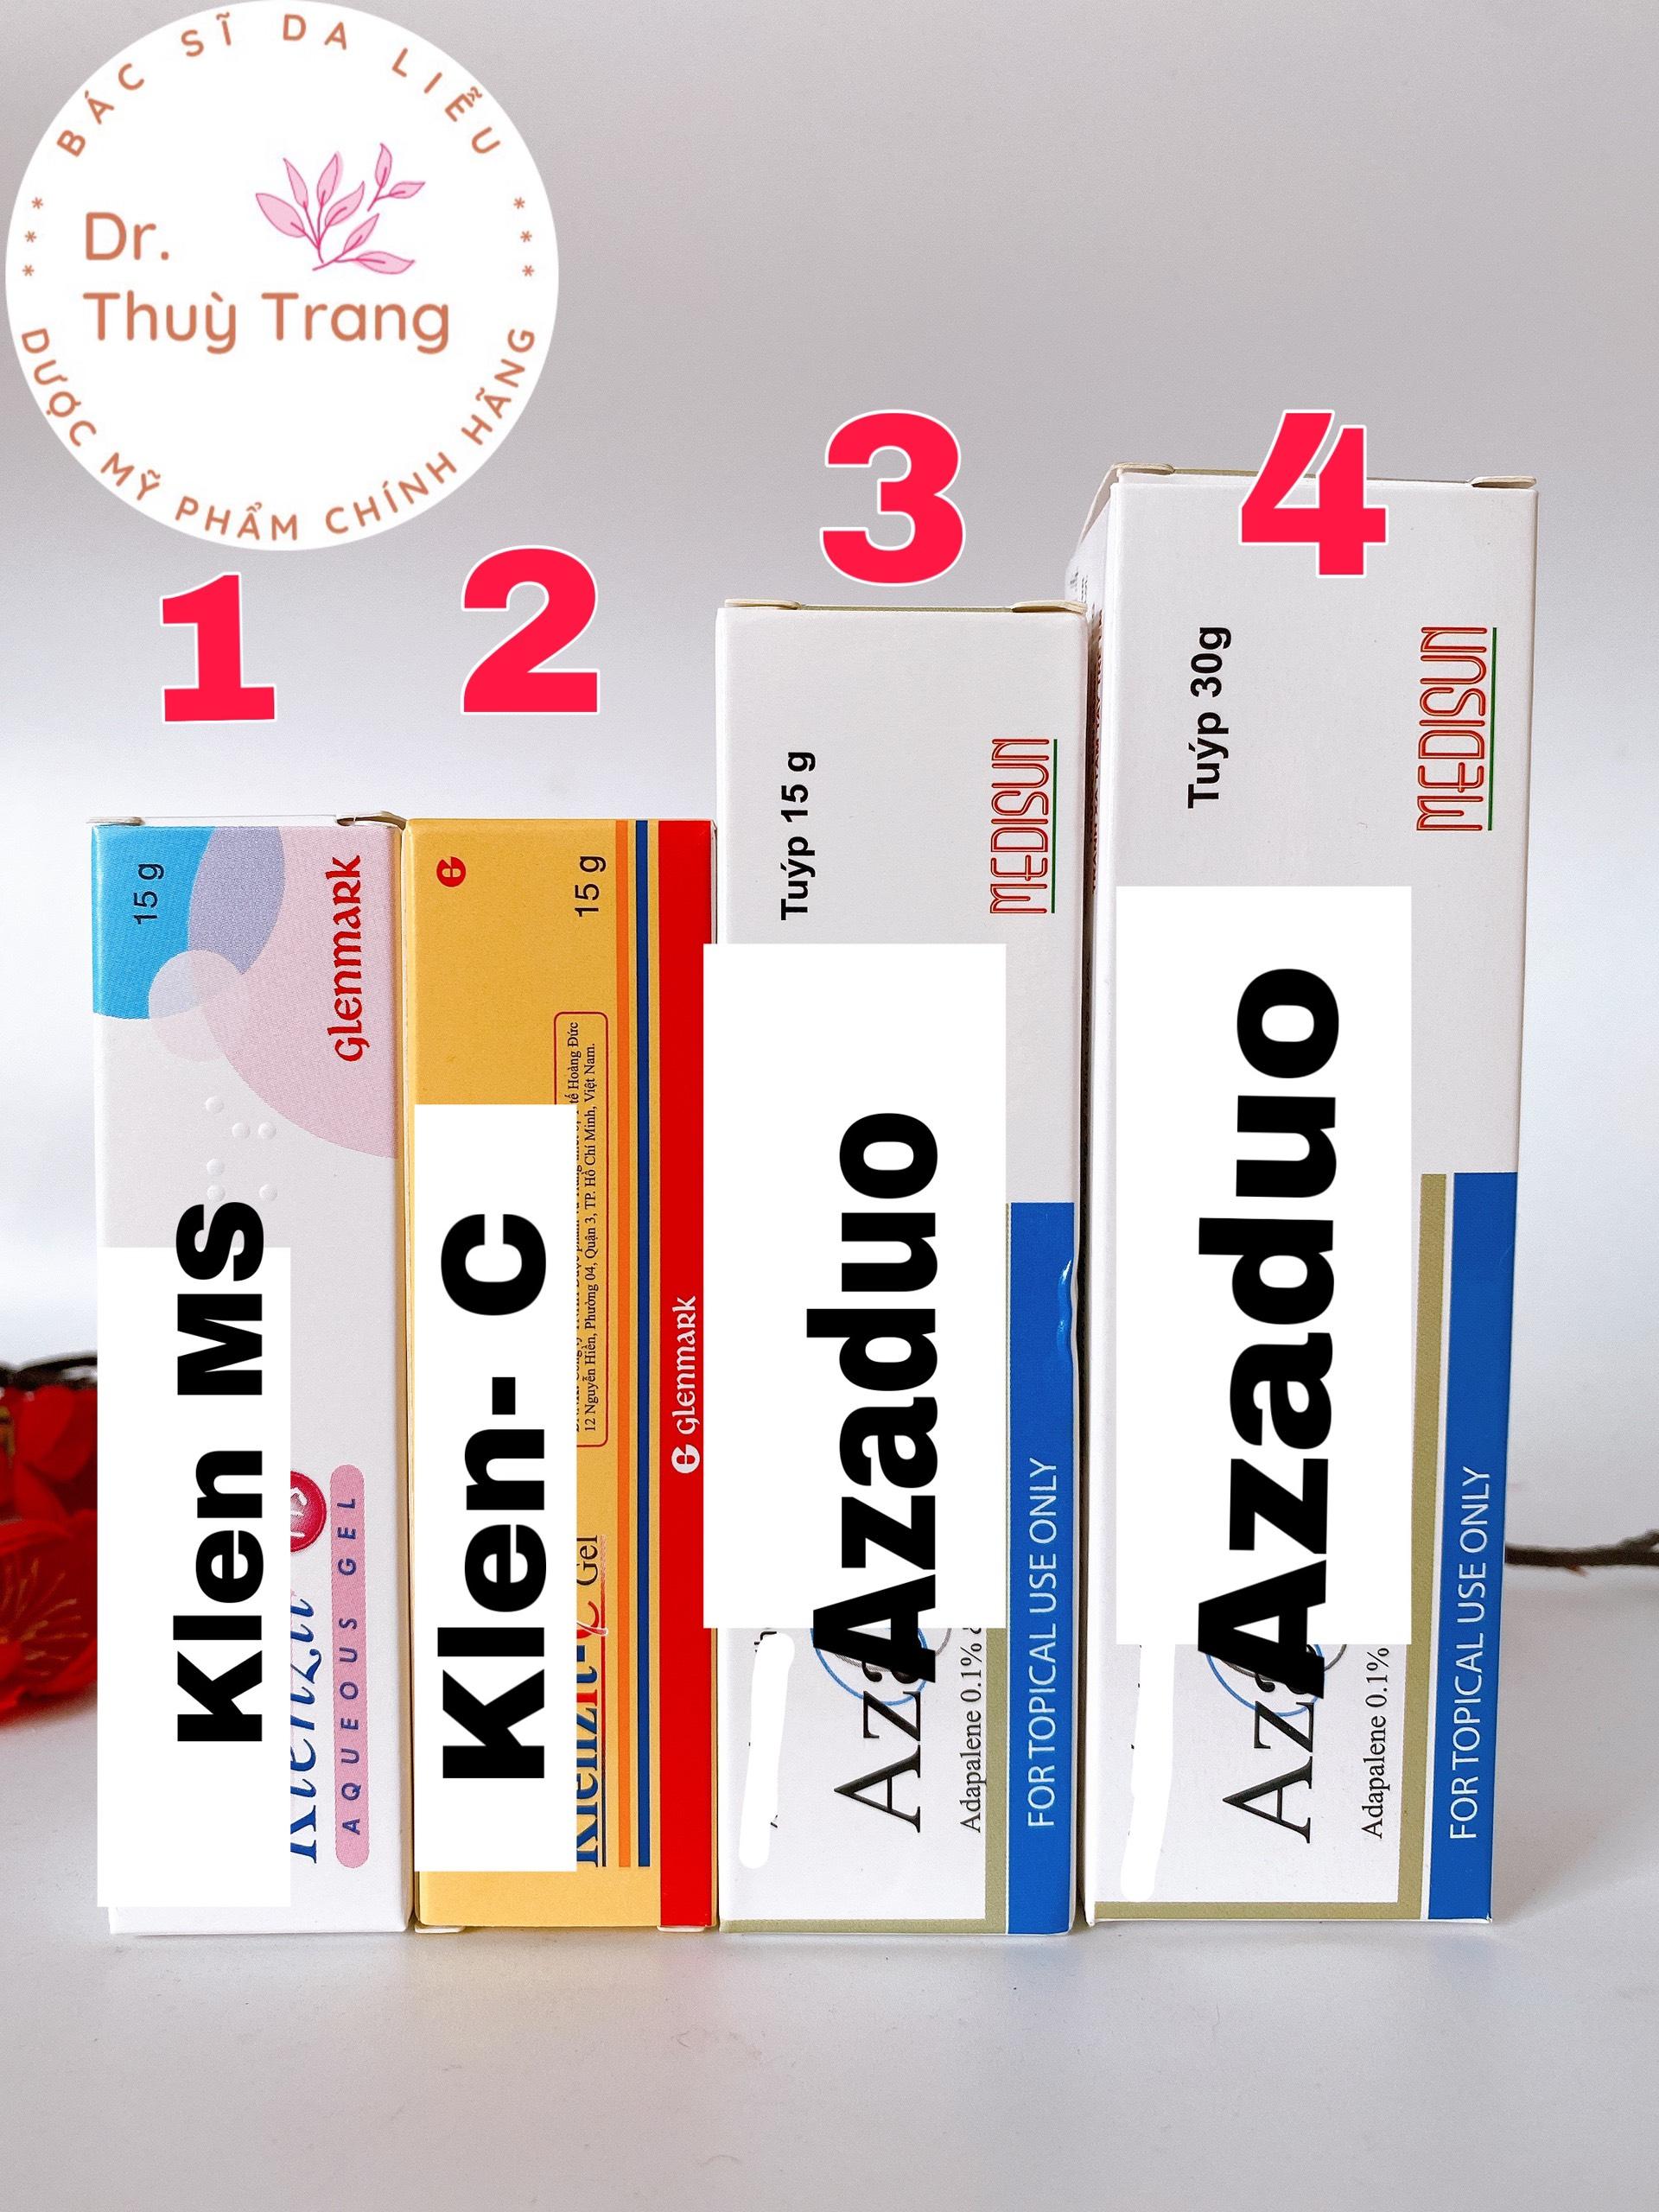 KLENZIT_MS/C AZADO gel giảm m.ụn ẩn đầu đen đầu trắng v.iêm